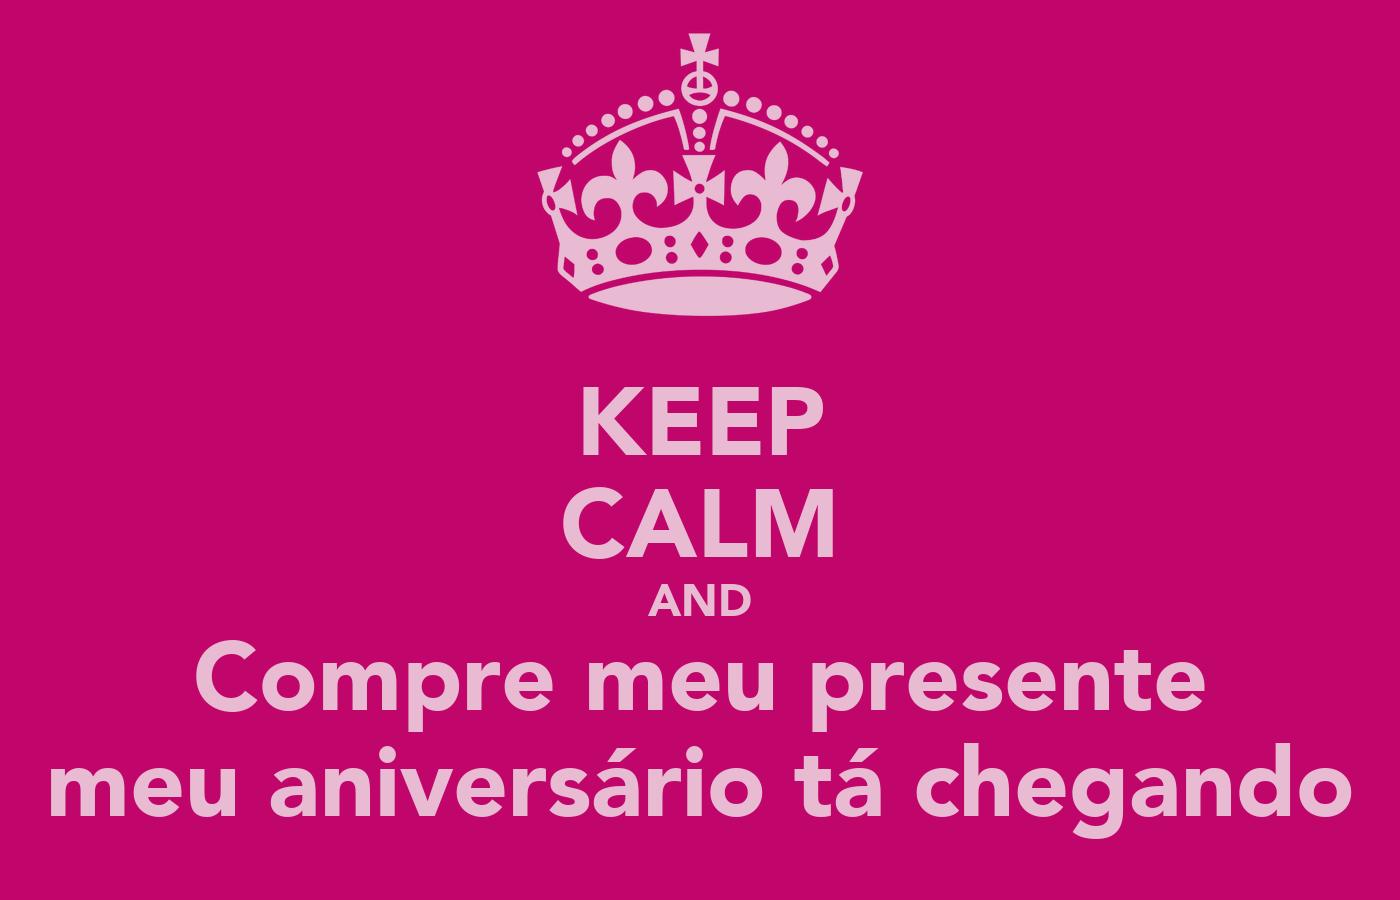 KEEP CALM AND Compre Meu Presente Meu Aniversário Tá